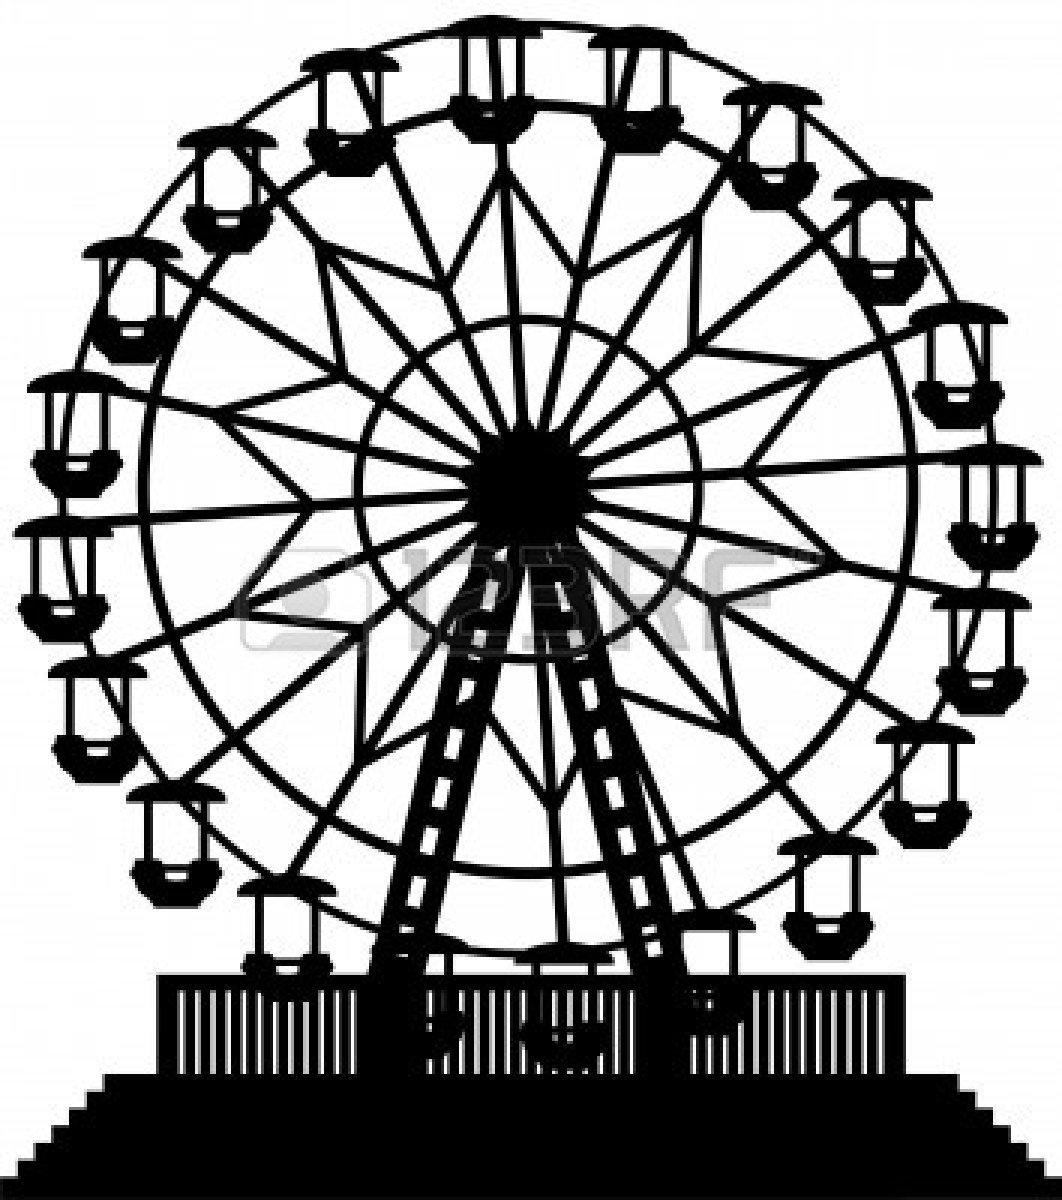 Ferris wheel clipart wheels and 2-Ferris wheel clipart wheels and 2-7